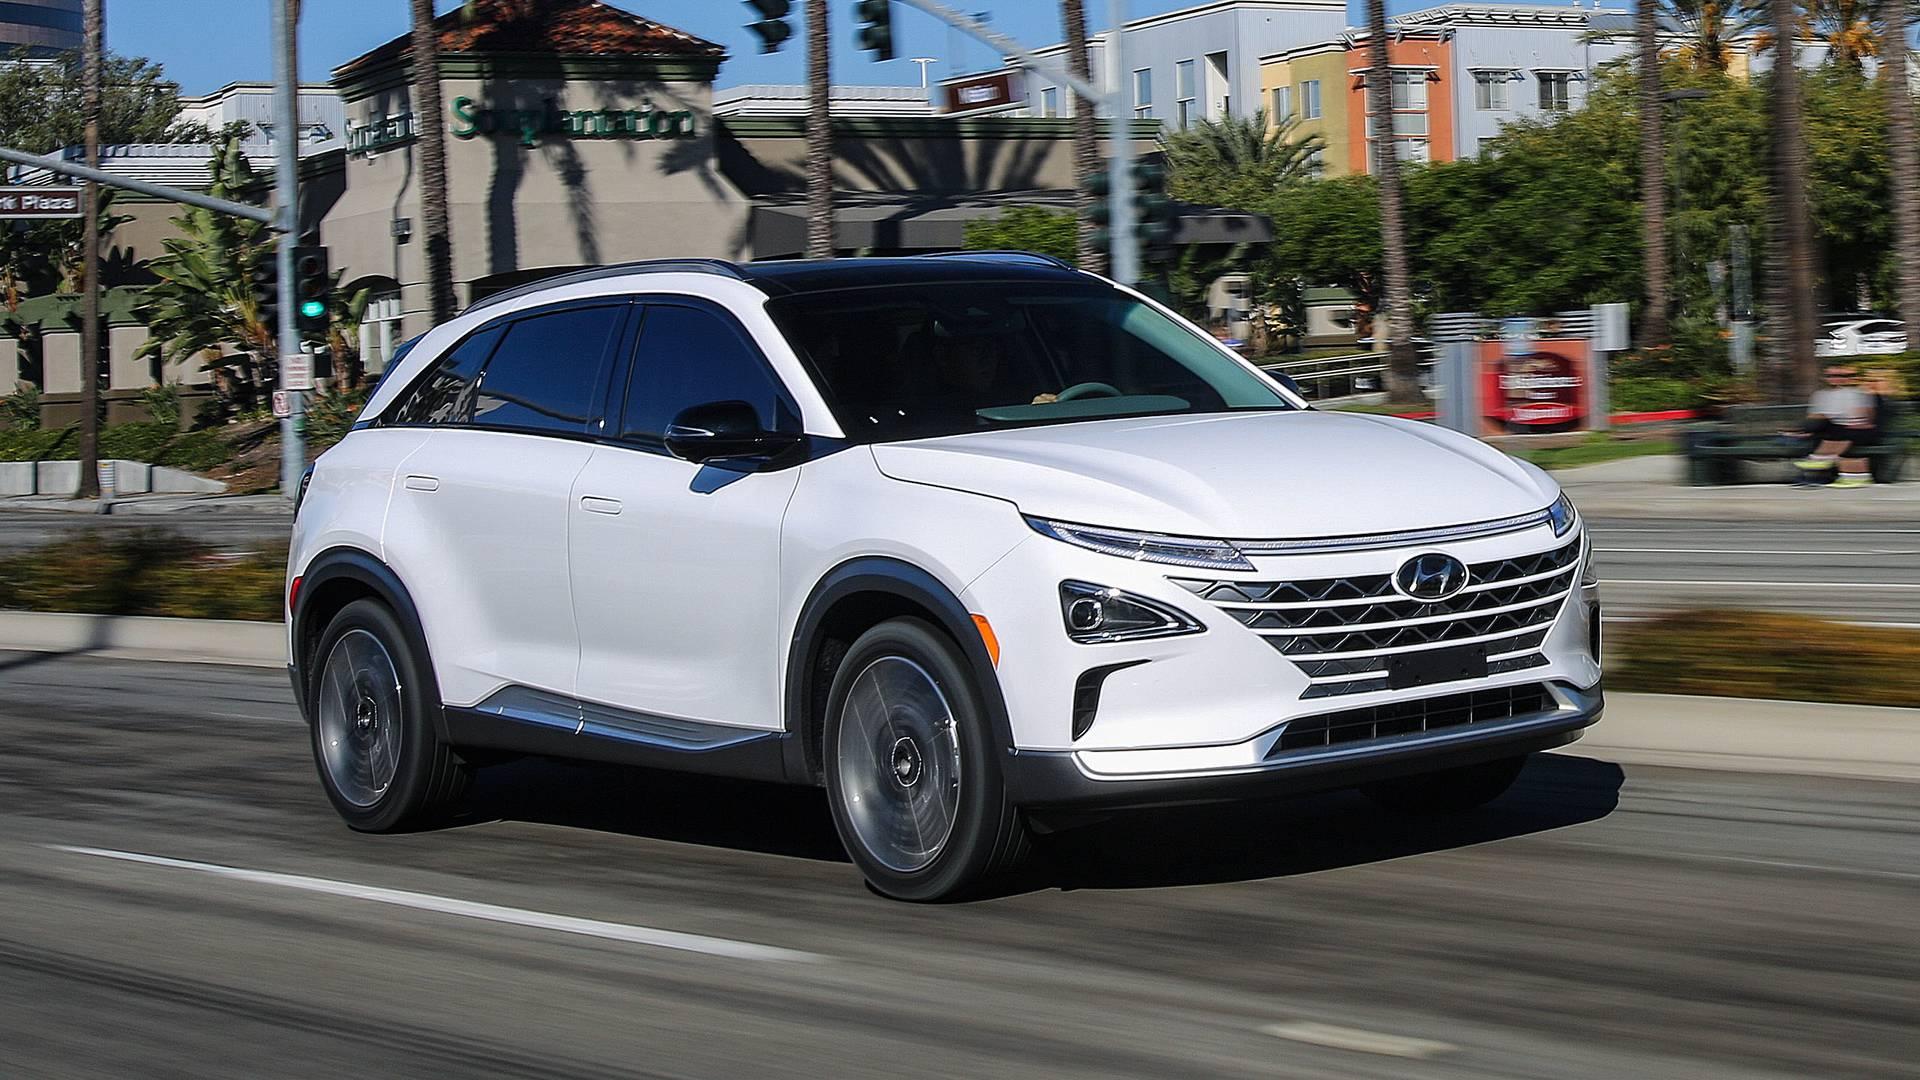 Лучшие автомобили корейского производства, которые догоняют немецких производителей  4